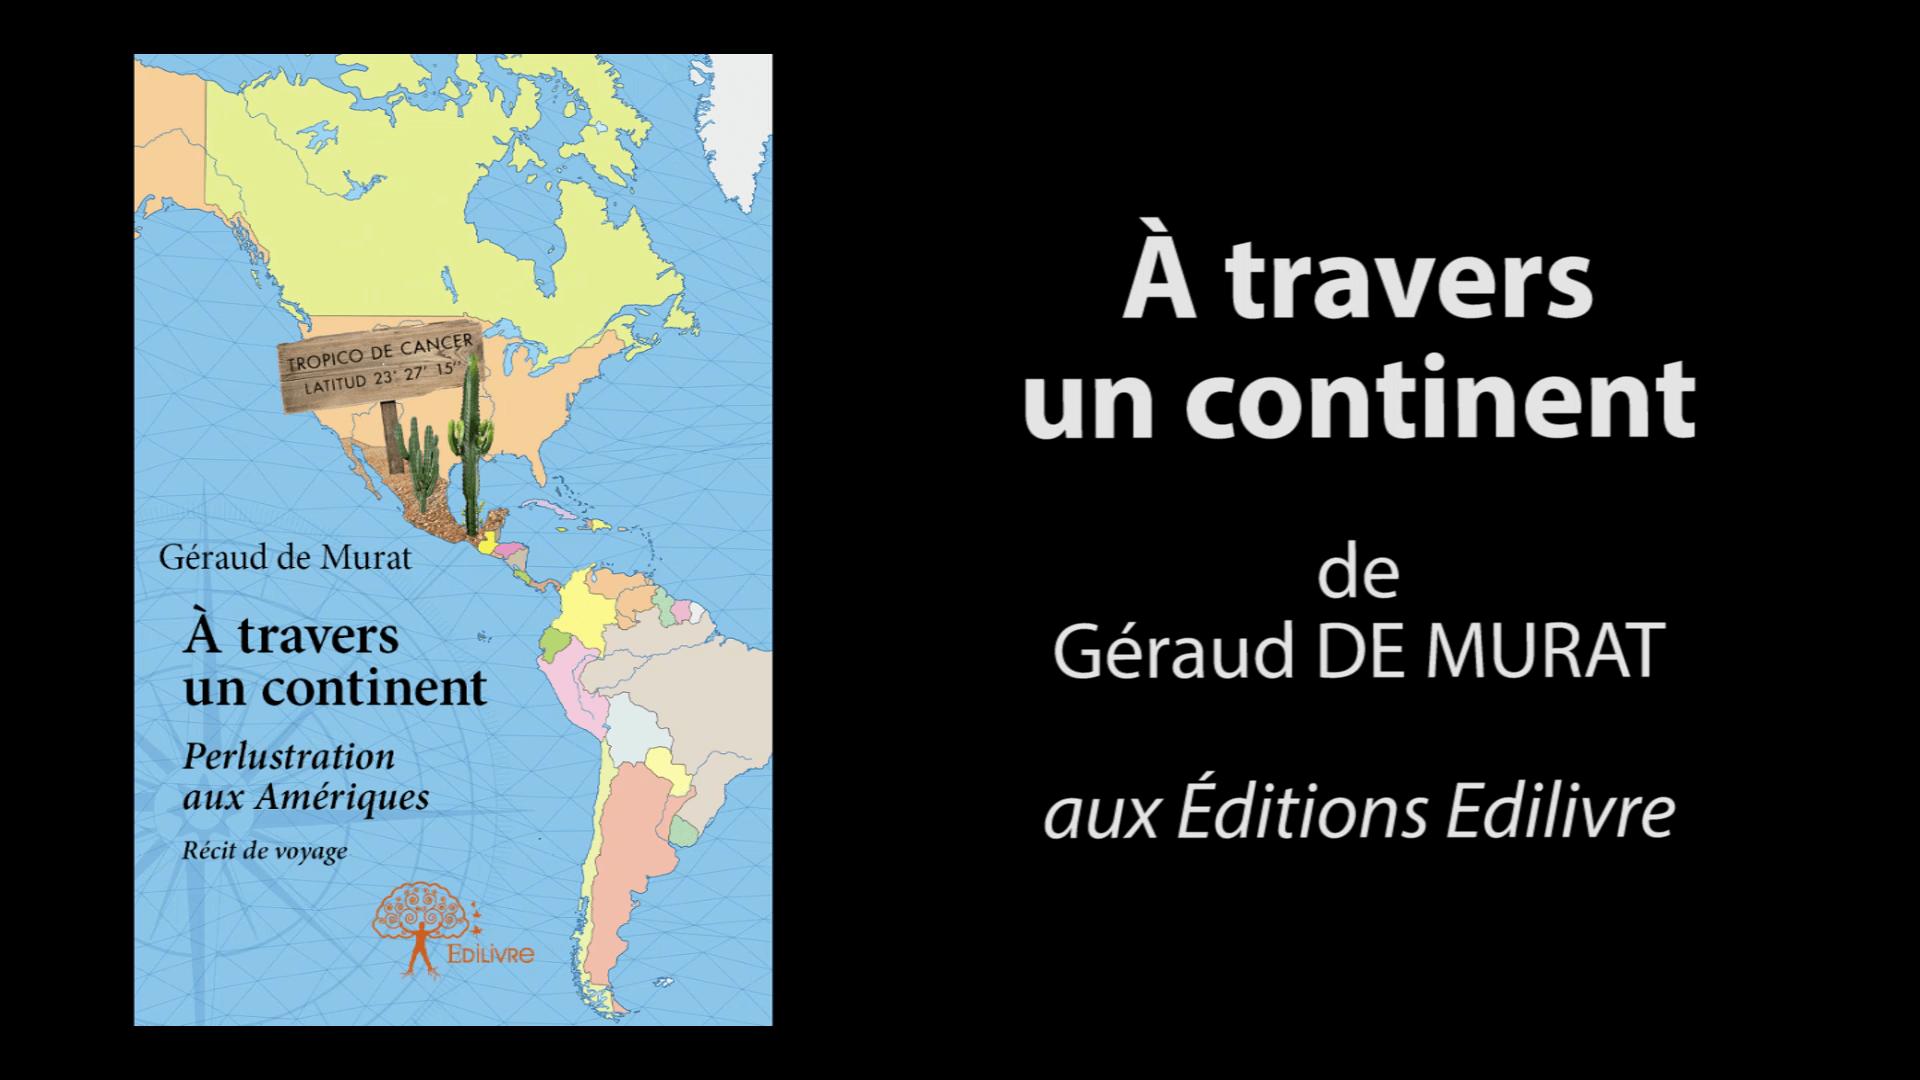 Bande_annonce_a travers_un_continent_Edilivre